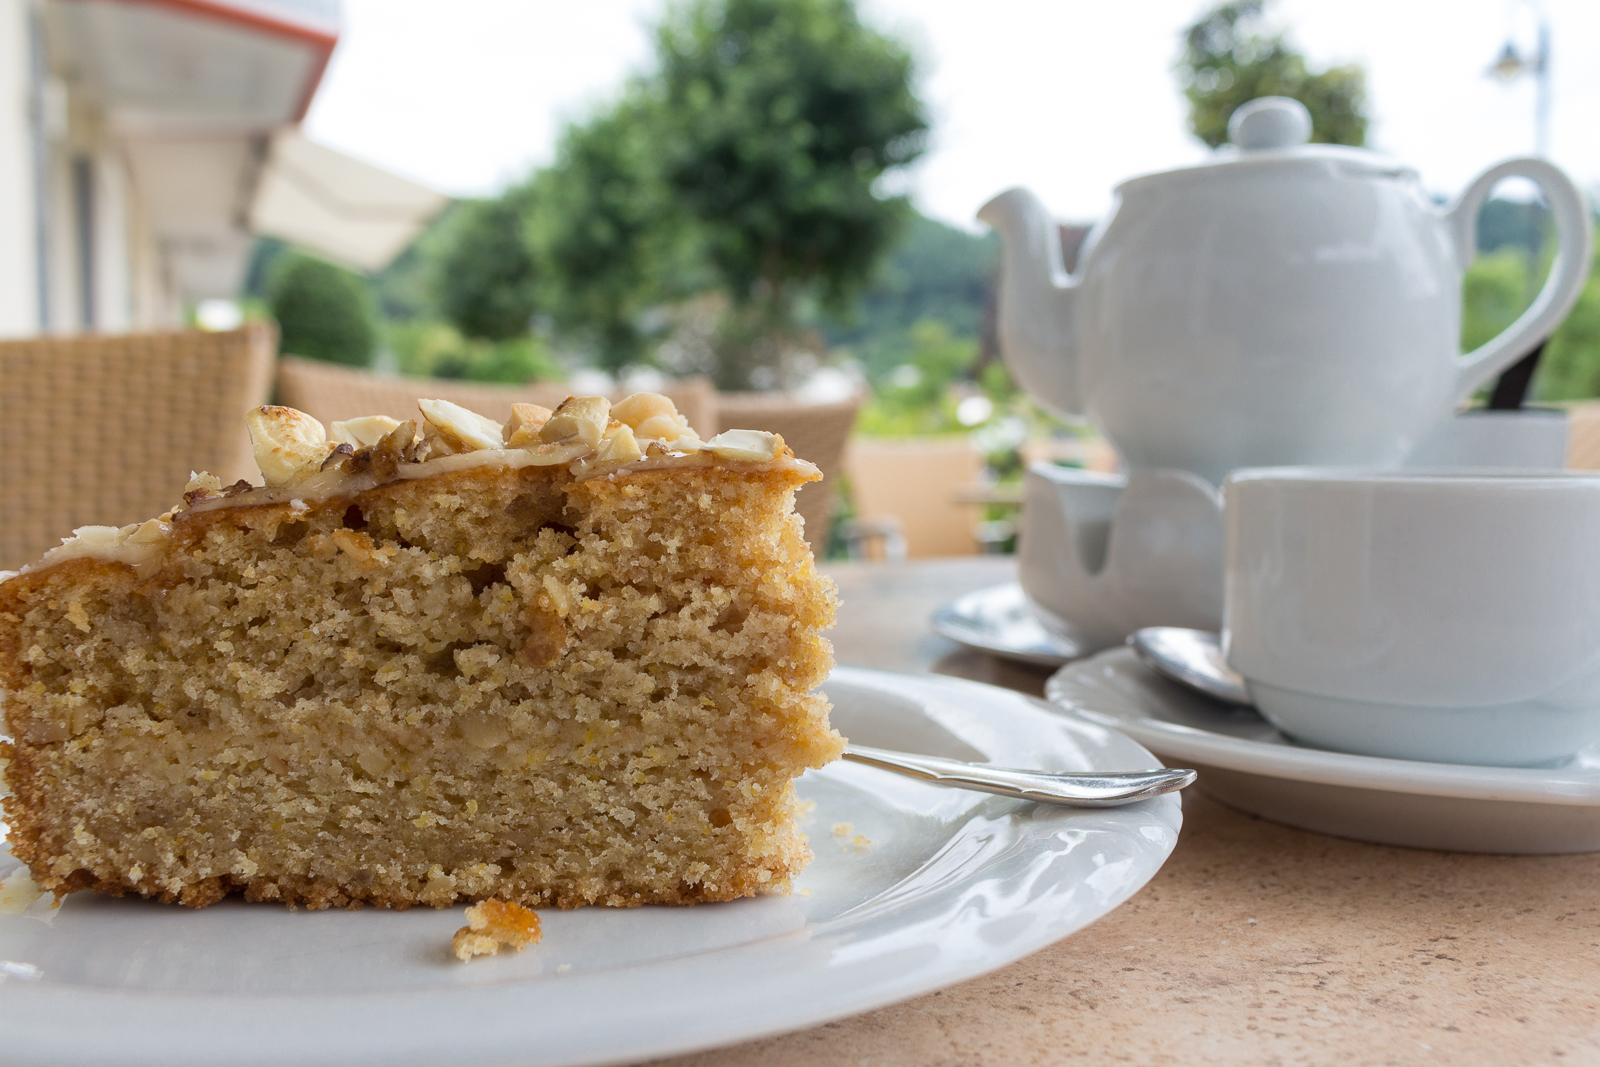 Apfelkuchen, Rezept, NaturPurHotel, Schlemmercafé, Meerfeld, Meerfelder Maar, Rheinland-Pfalz, Eifel, Vulkaneifel, Kuchen